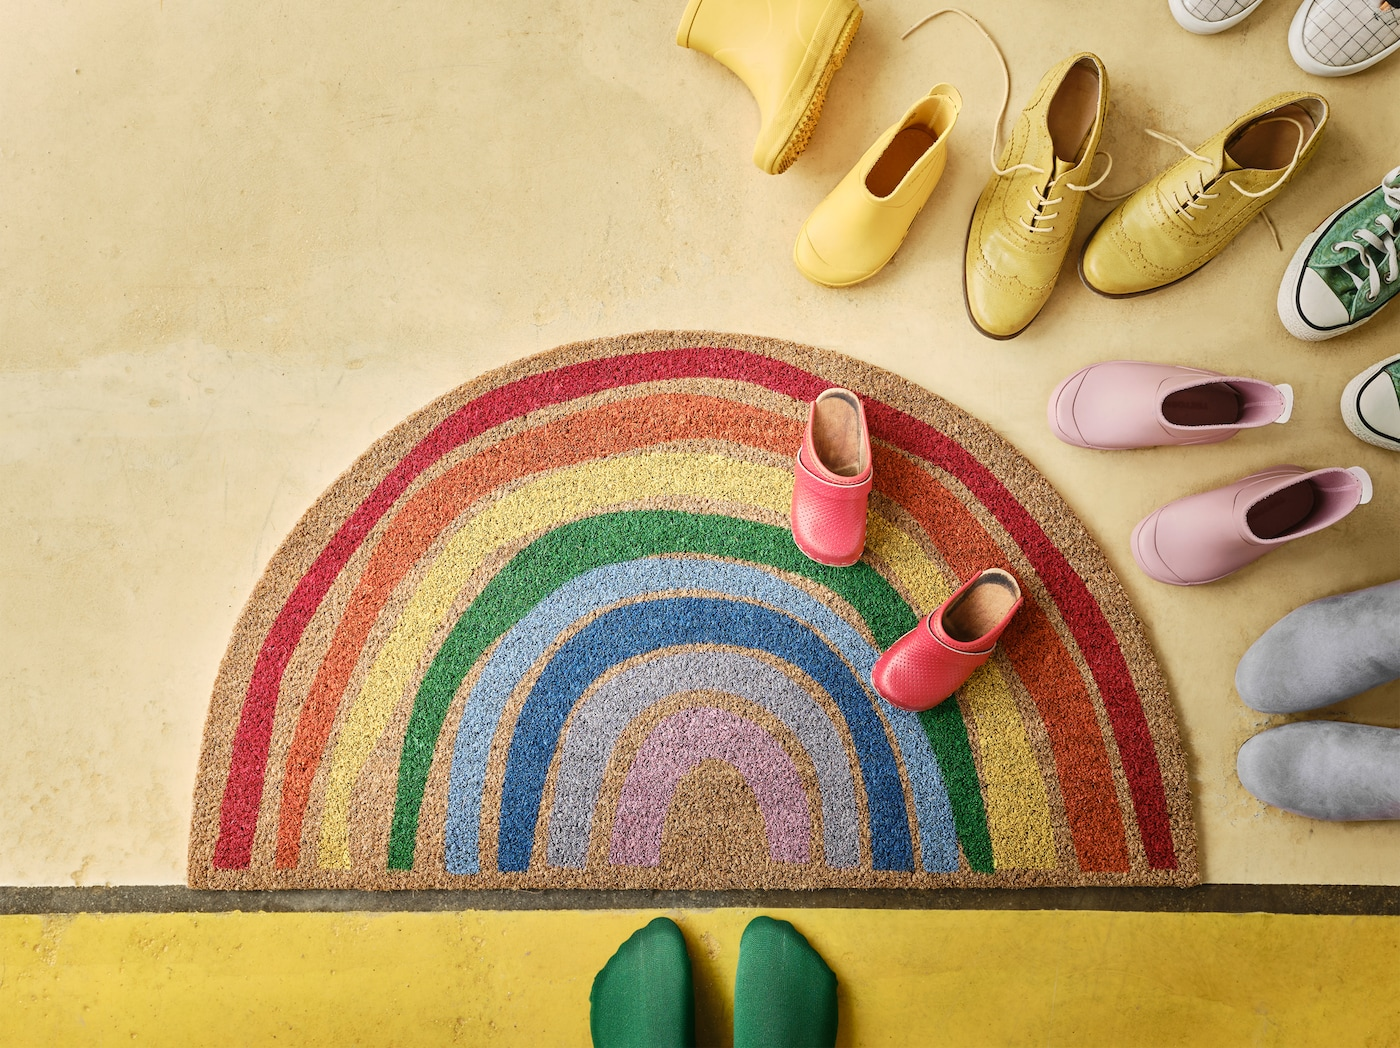 Придверный коврик ПИЛЛЕМАРК с рисунком в виде радуги на желтом полу, рядом разноцветная обувь и пара ног в зеленых носках.